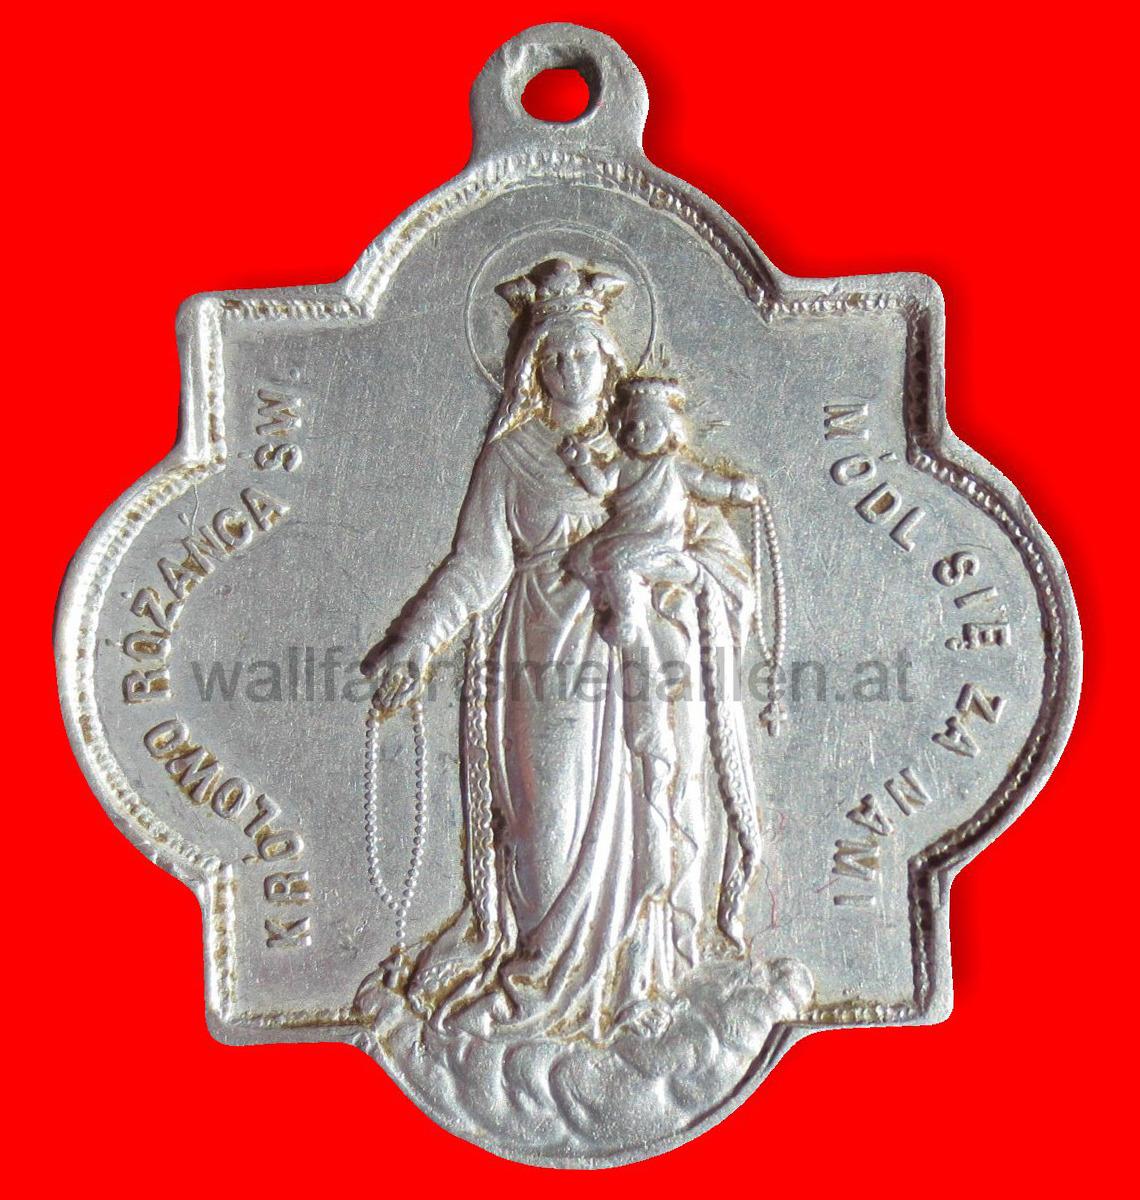 Fromme Vereinigung der Christlichen Mütter Polens